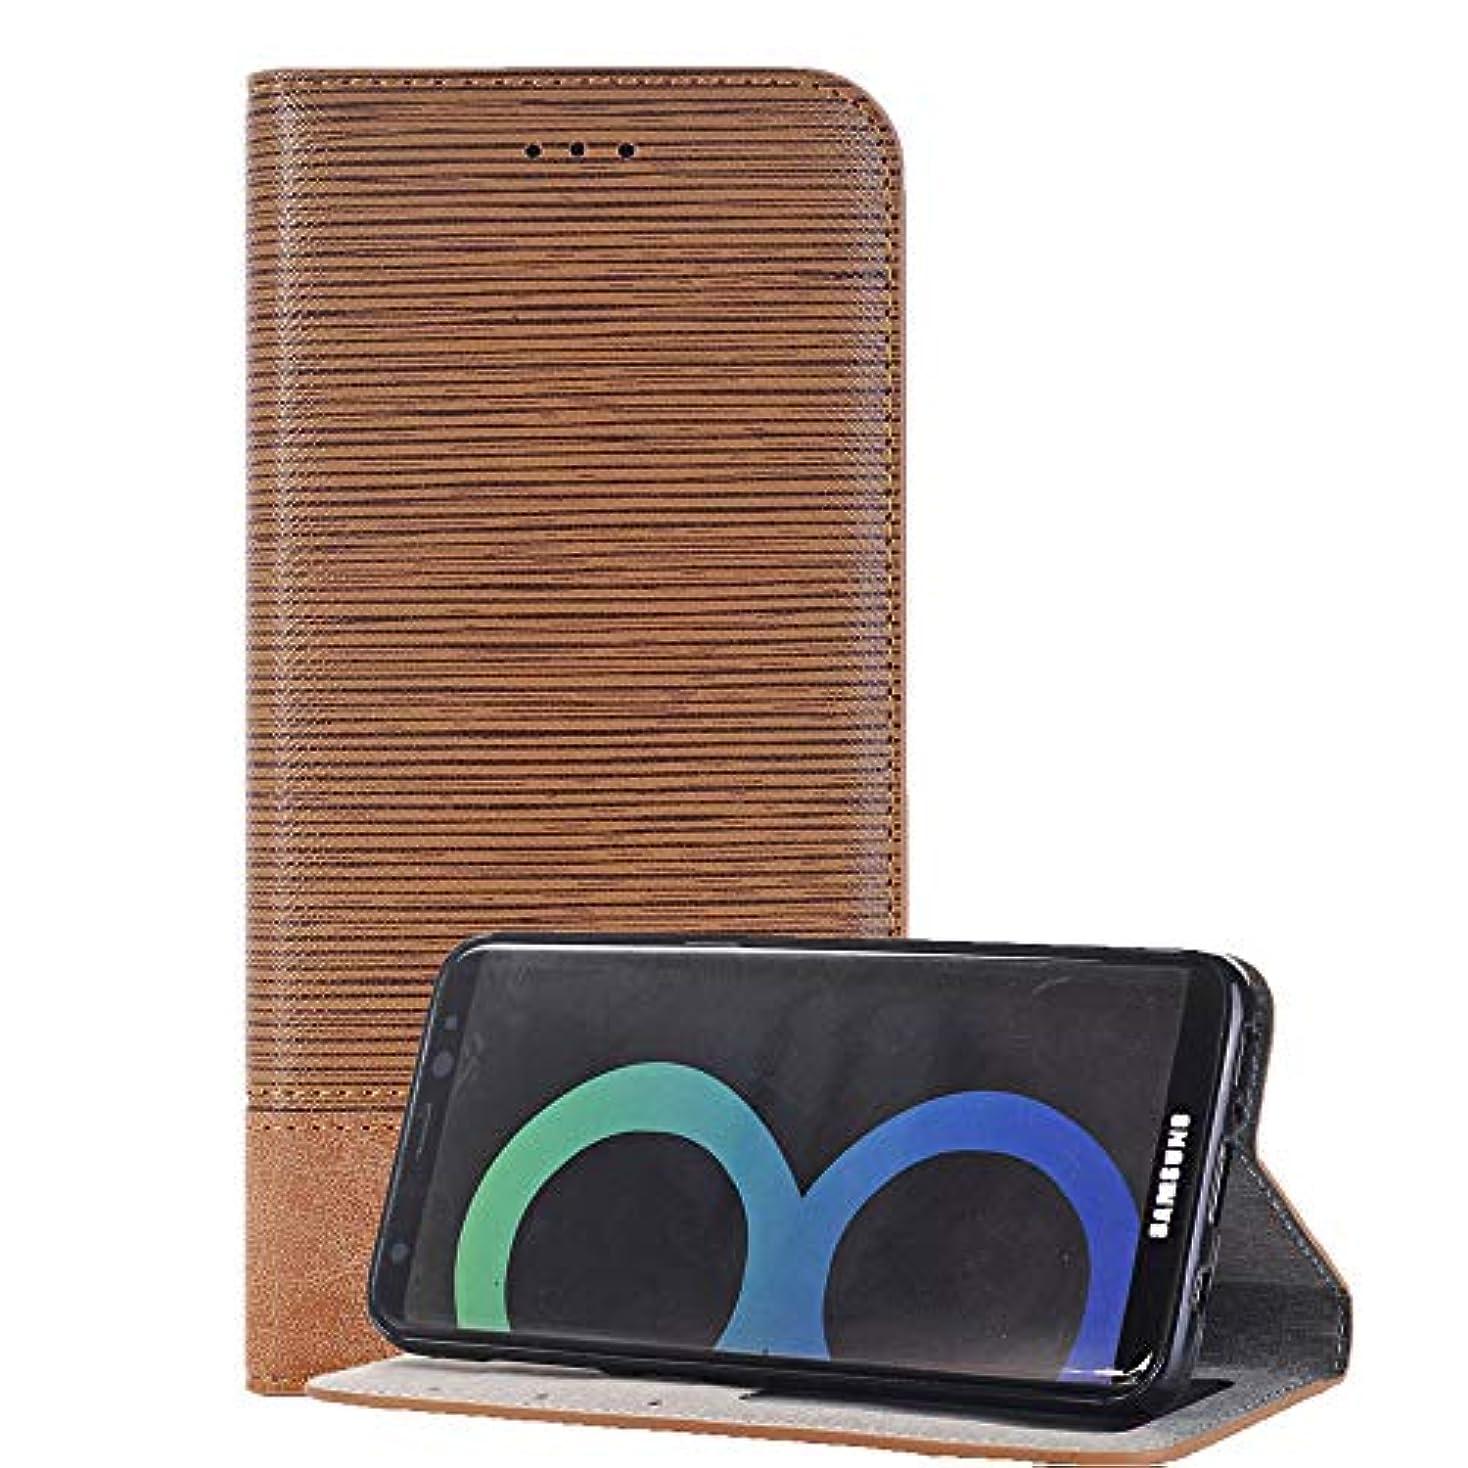 れる雄弁な困ったSamsung Galaxy S8 手帳型 ケース ギャラクシーs8 スマホケース カバー 脱着簡単 カードポケット 高品質 人気 おしゃれ カバー(ライトブラウン)